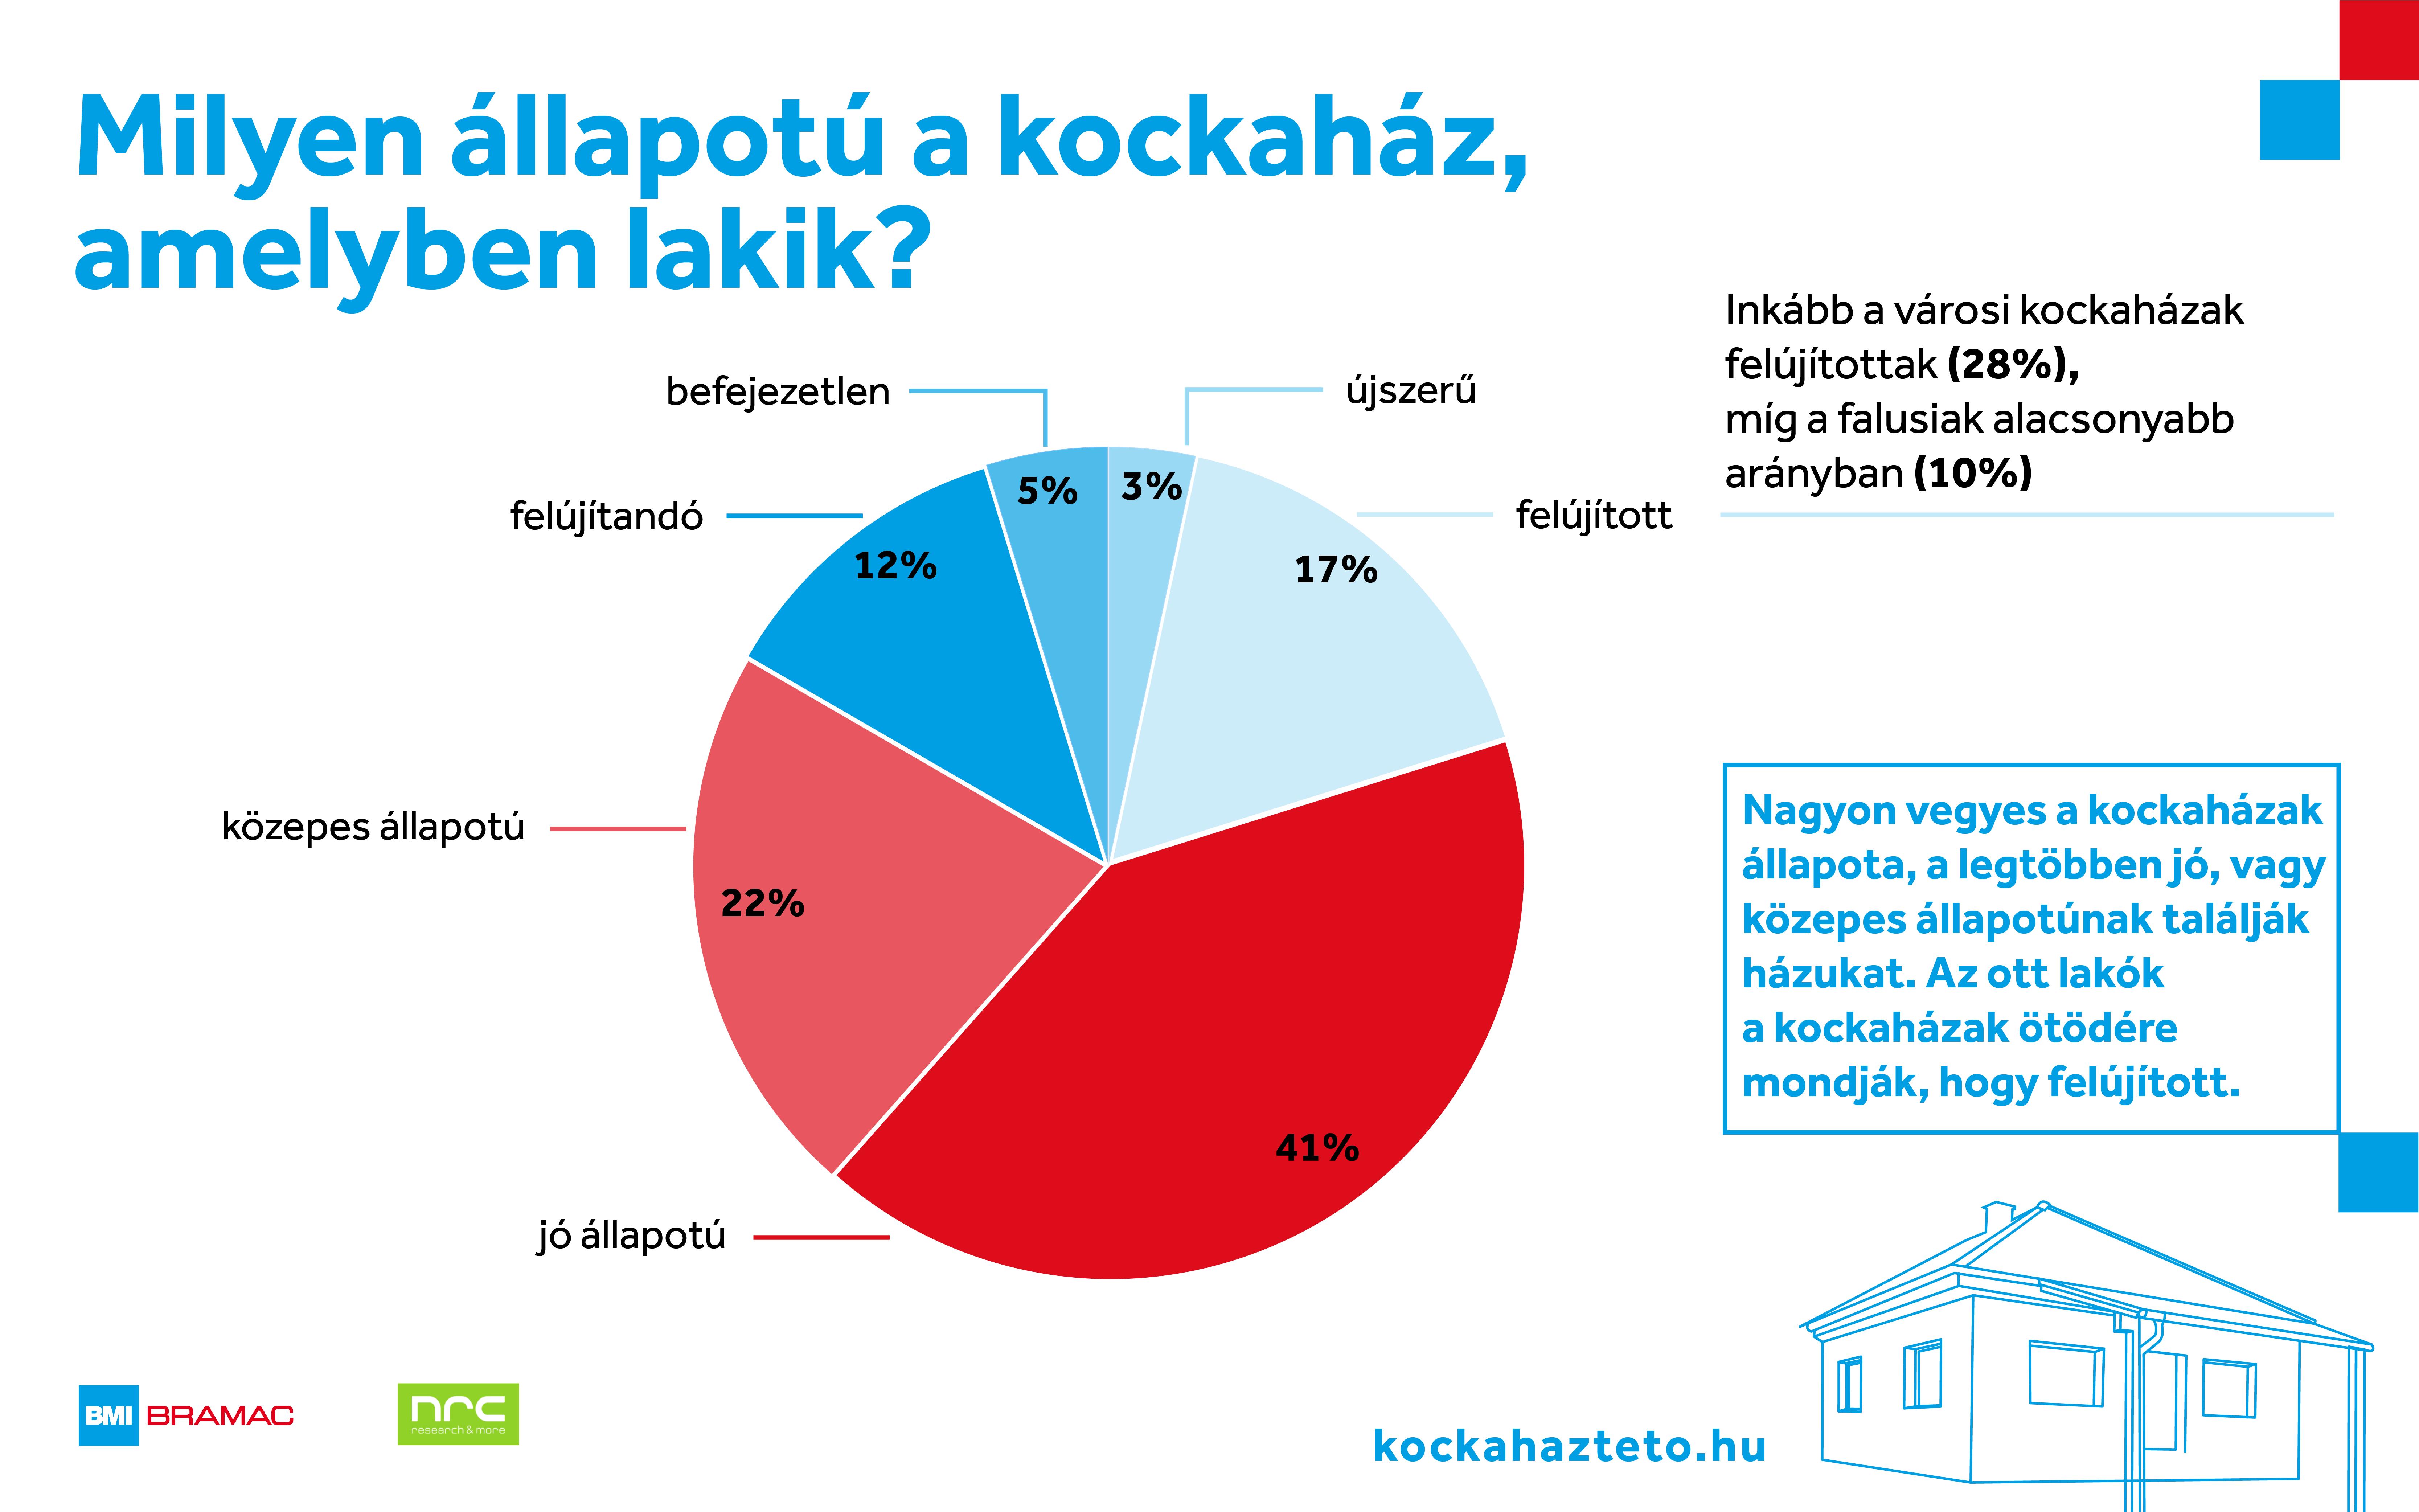 bramac_kockahaz_kutatas_kadar_kocka_1.png